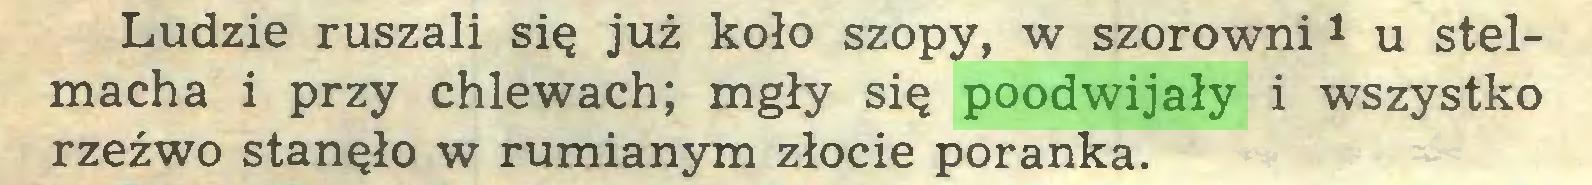 (...) Ludzie ruszali się już koło szopy, w szorowni1 u stelmacha i przy chlewach; mgły się poodwijały i wszystko rzeźwo stanęło w rumianym złocie poranka...